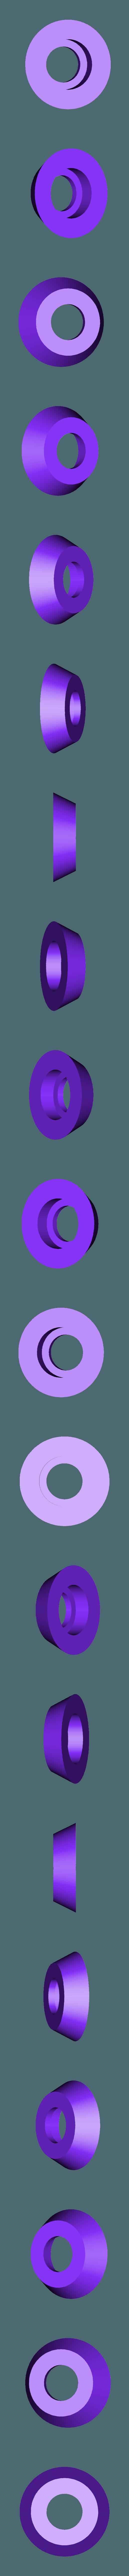 Spool_holder_medium.stl Télécharger fichier STL gratuit 20/20 Porte-bobine et pince • Modèle pour imprimante 3D, LionFox